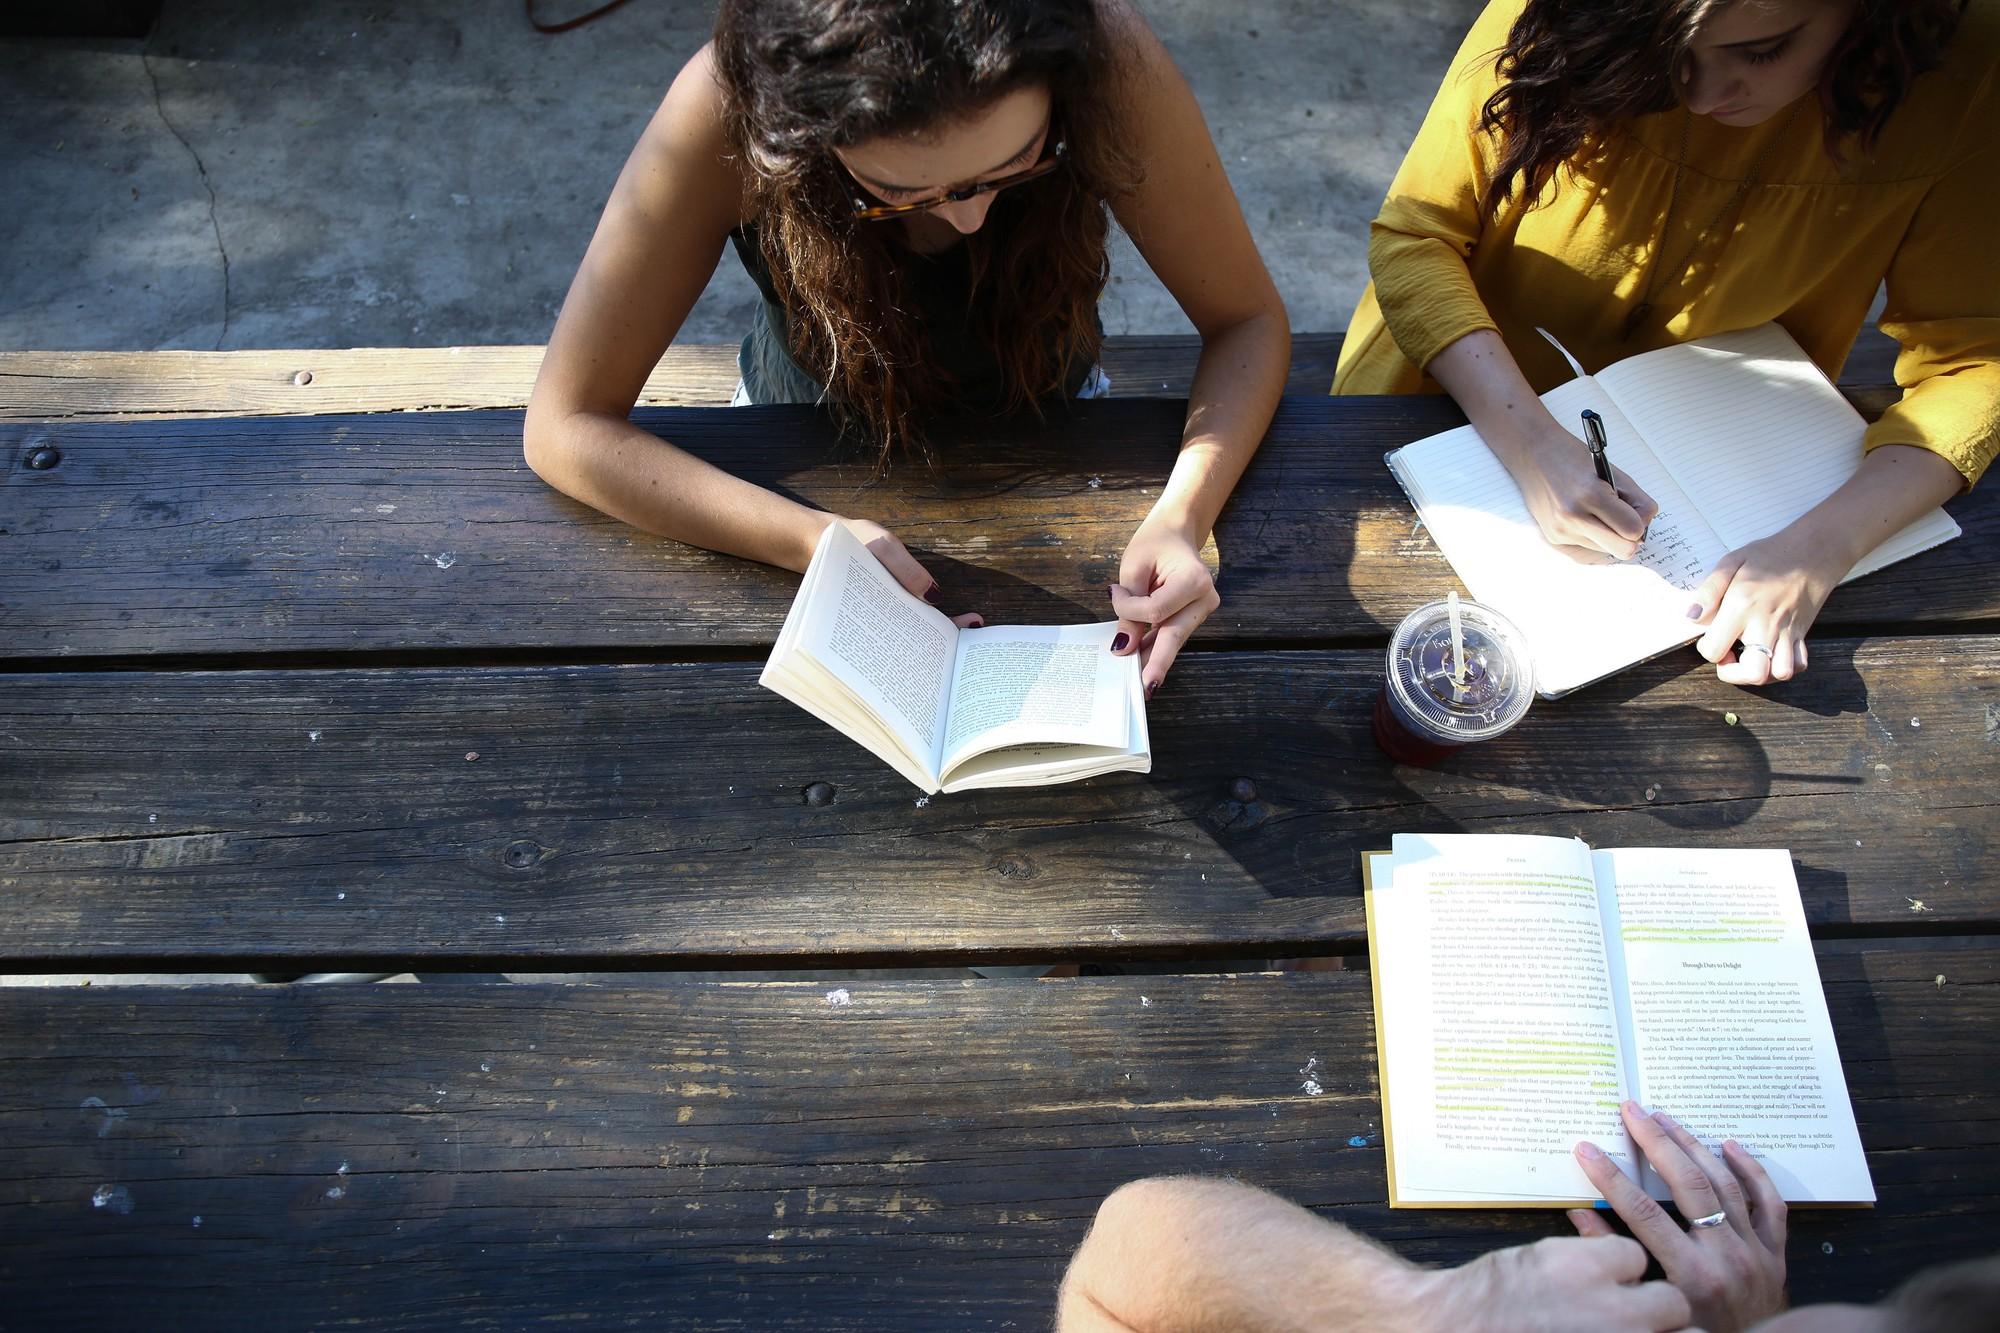 Học sinh và sinh viên khác nhau như thế nào? - Ảnh 1.